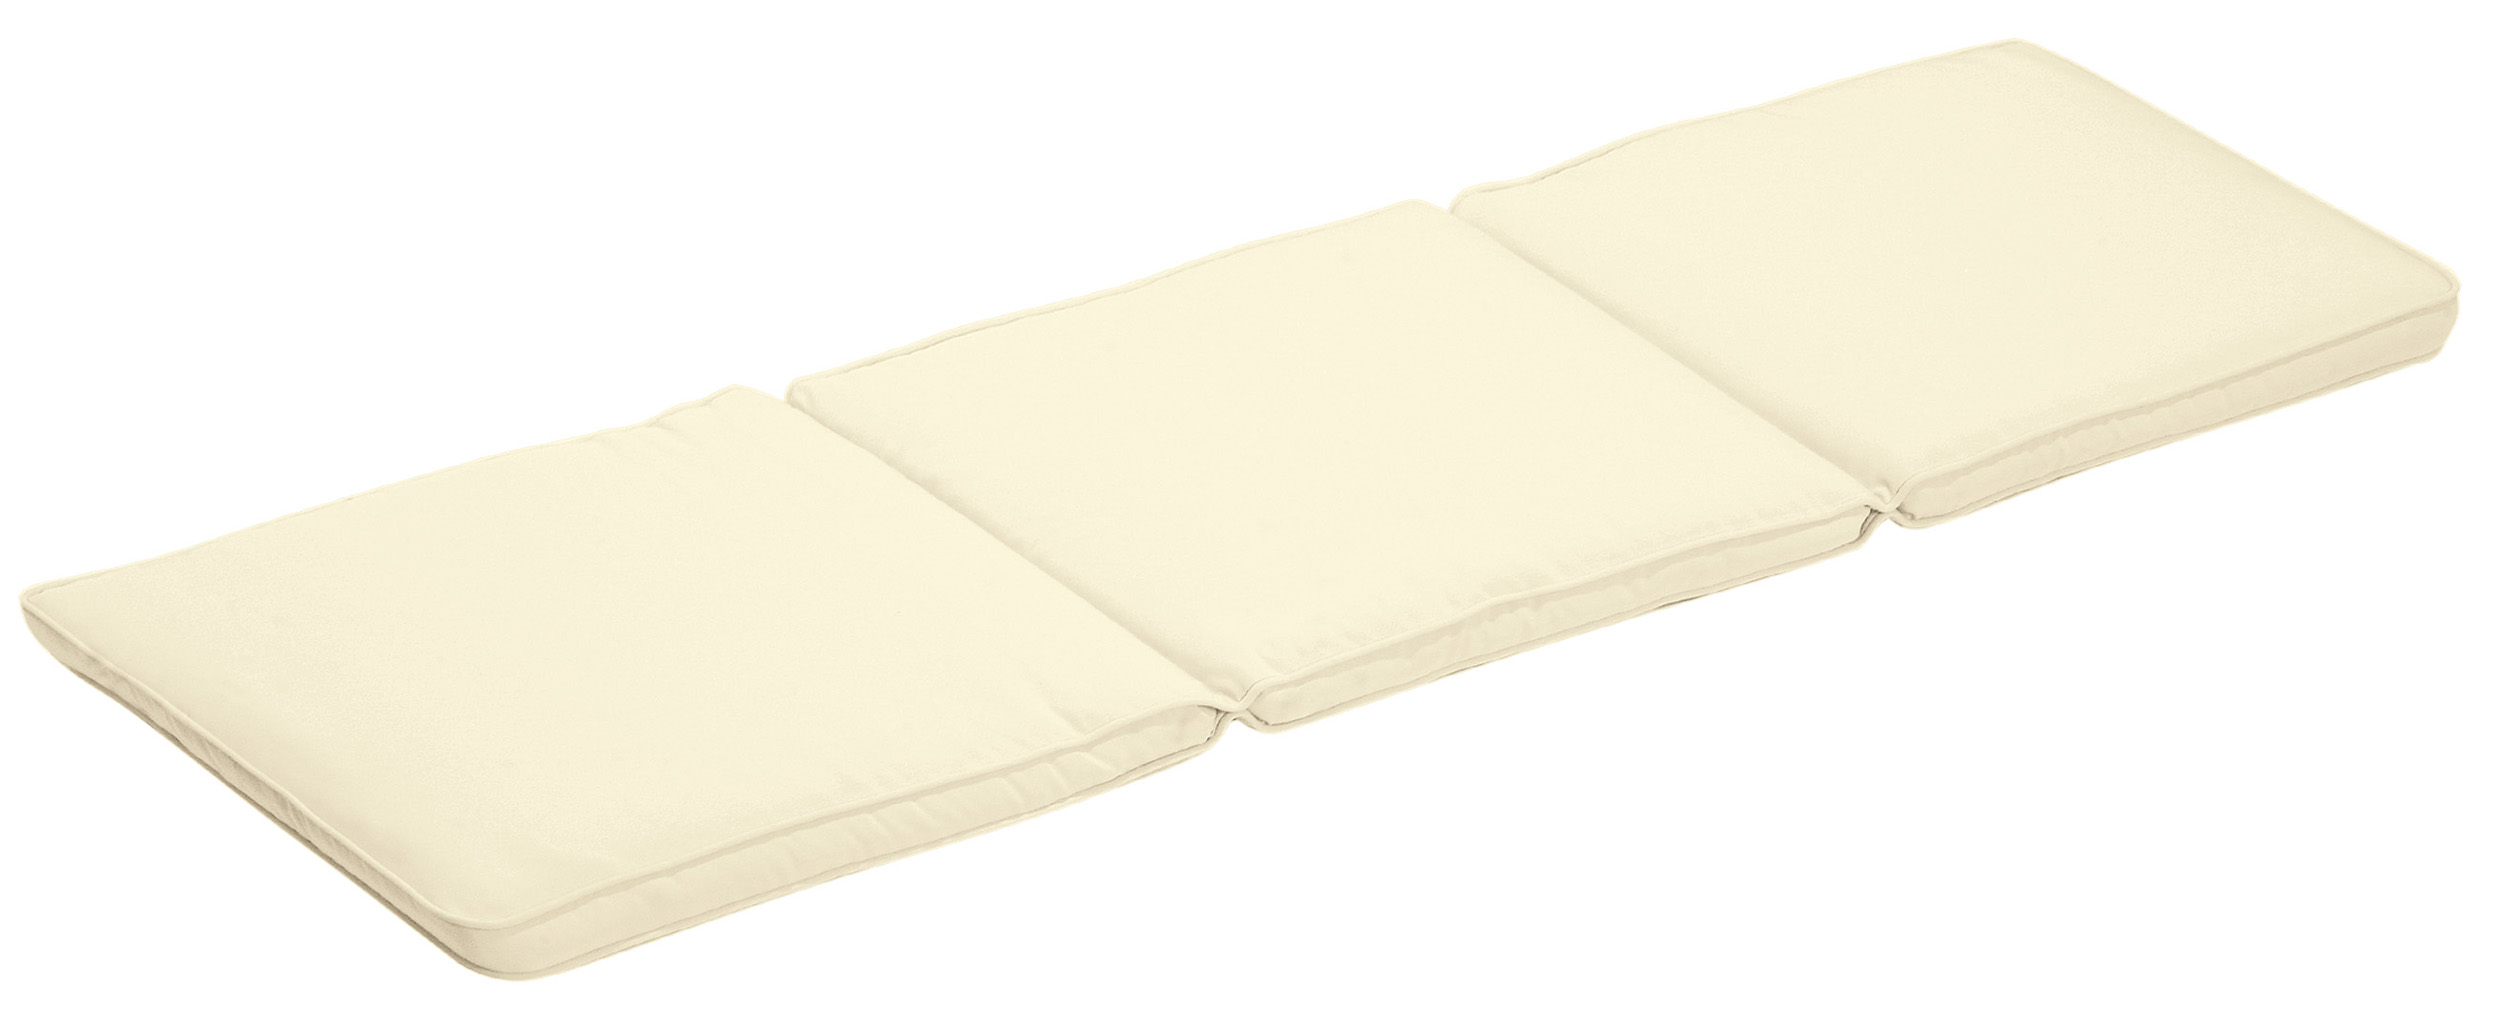 Cuscino per panca con doppia cucitura ECRU